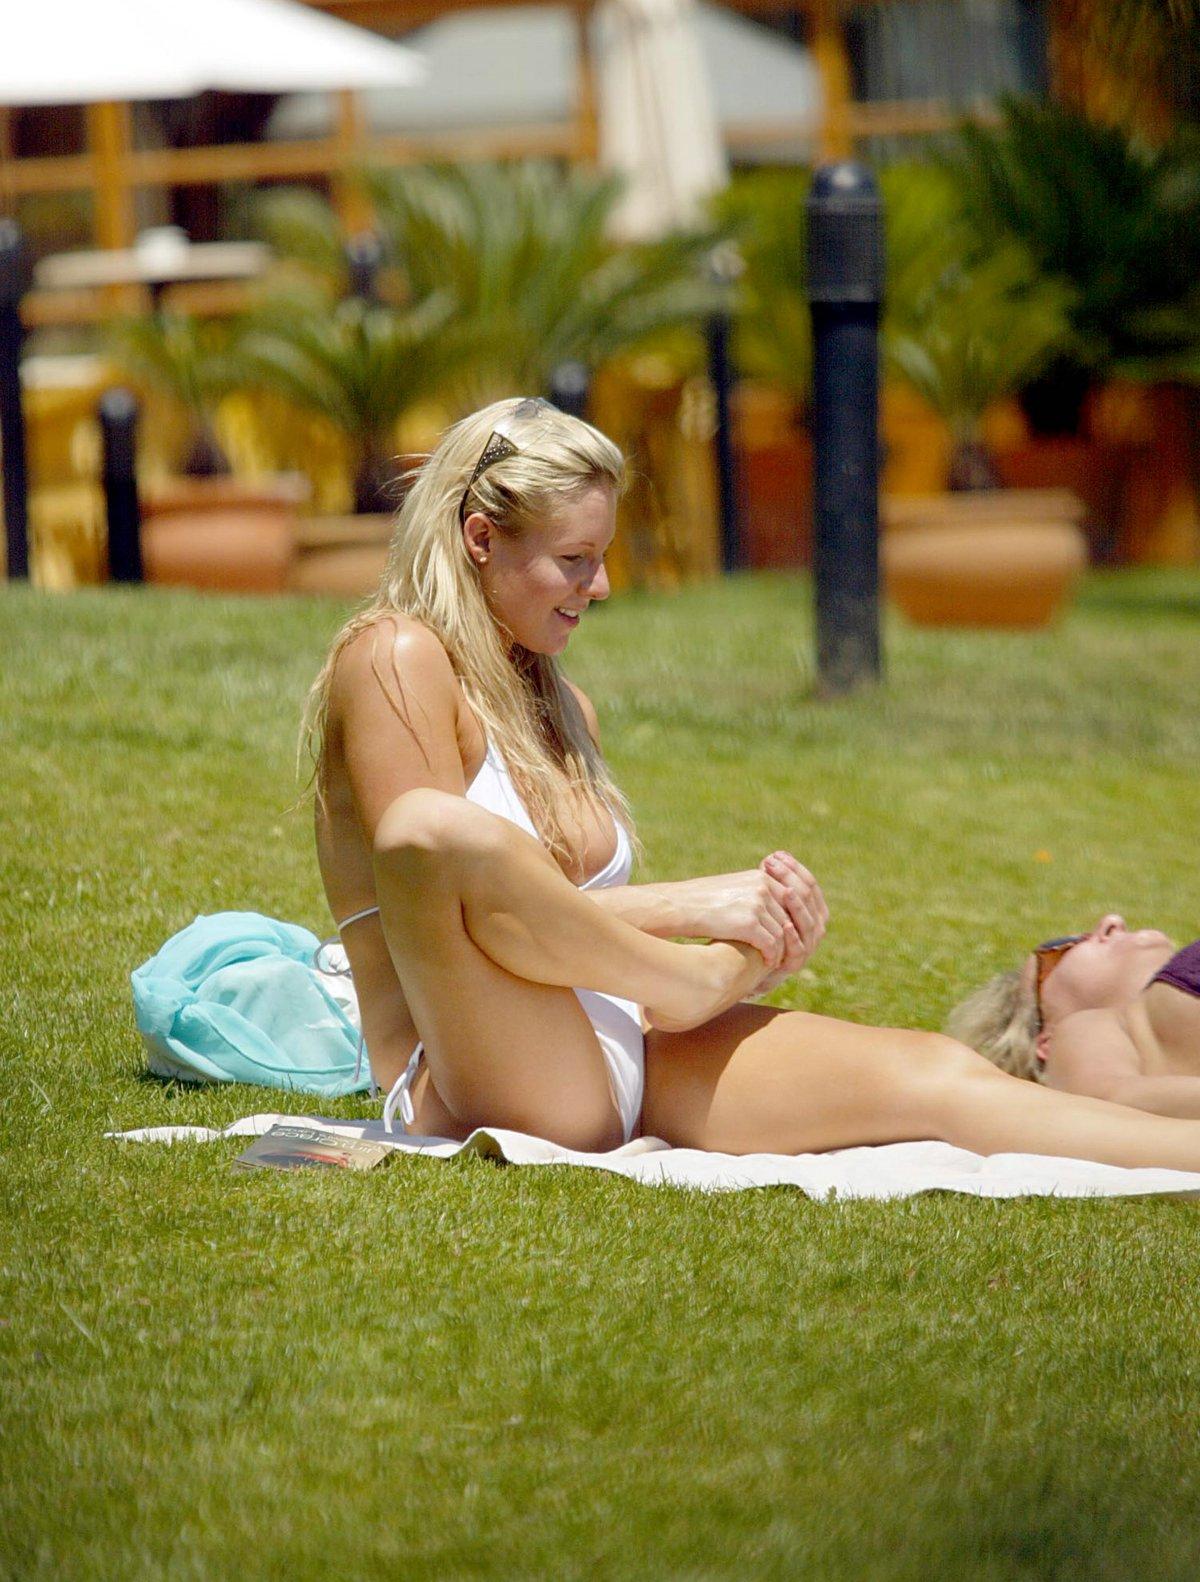 Abi Titmuss Bikini at the Pool/Beach Majorca, Spain June